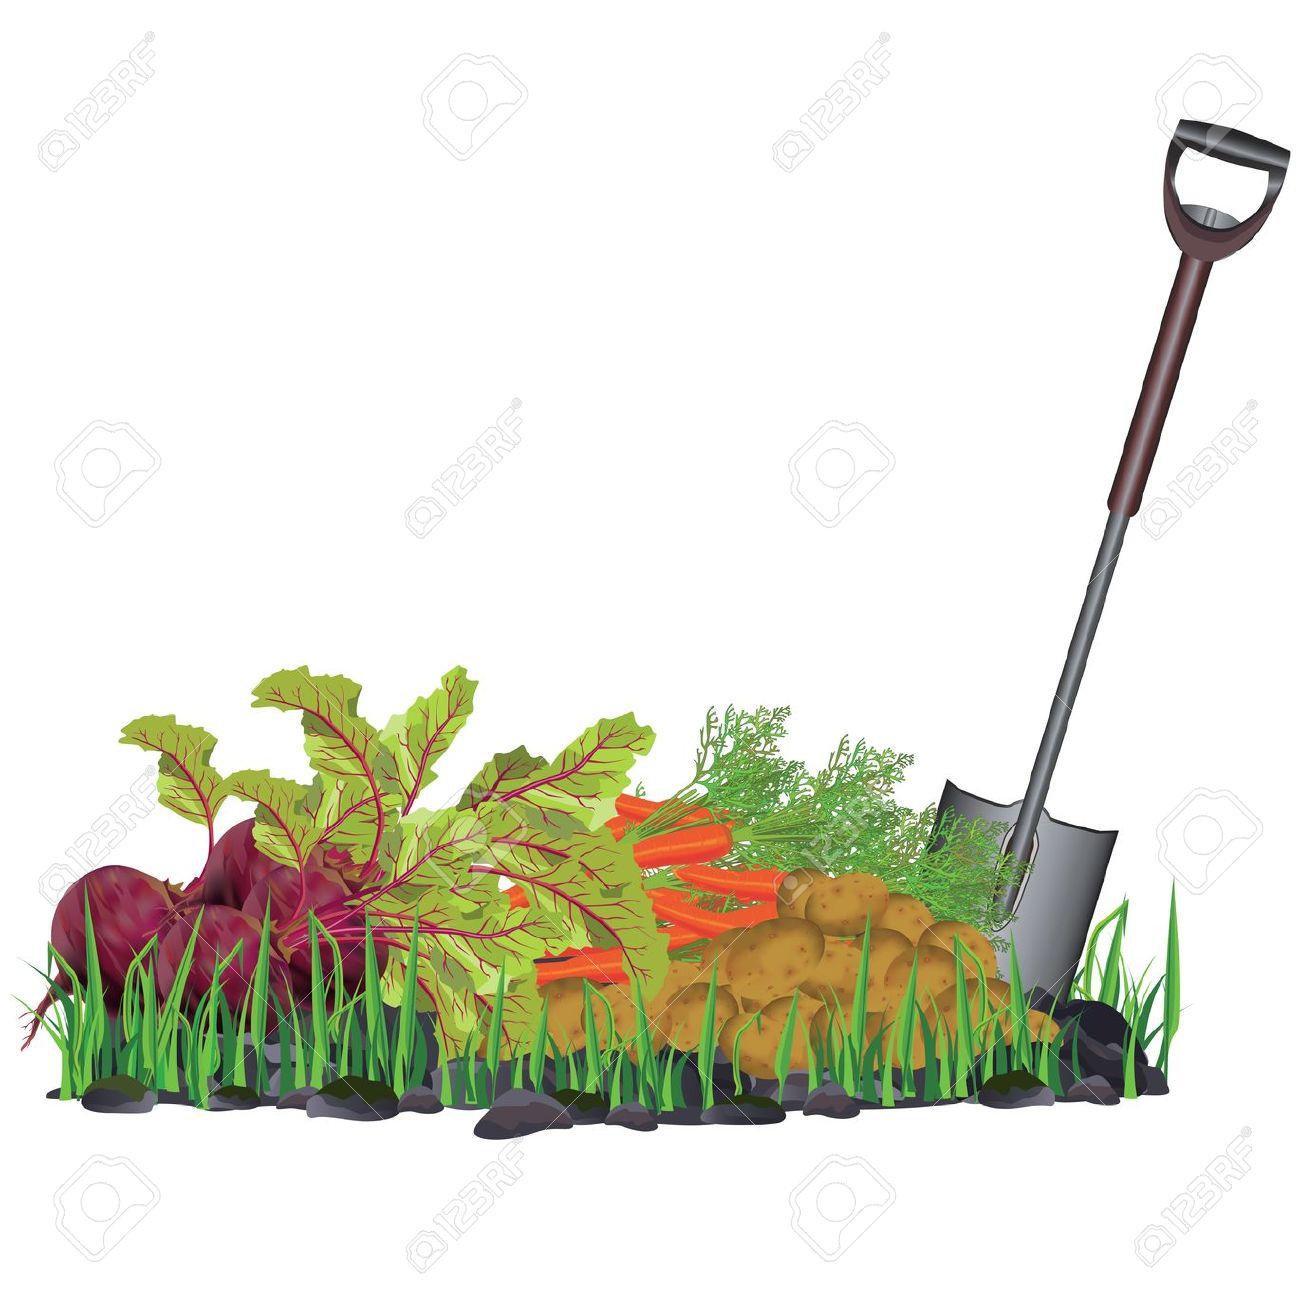 Vegetable gardening clipart.